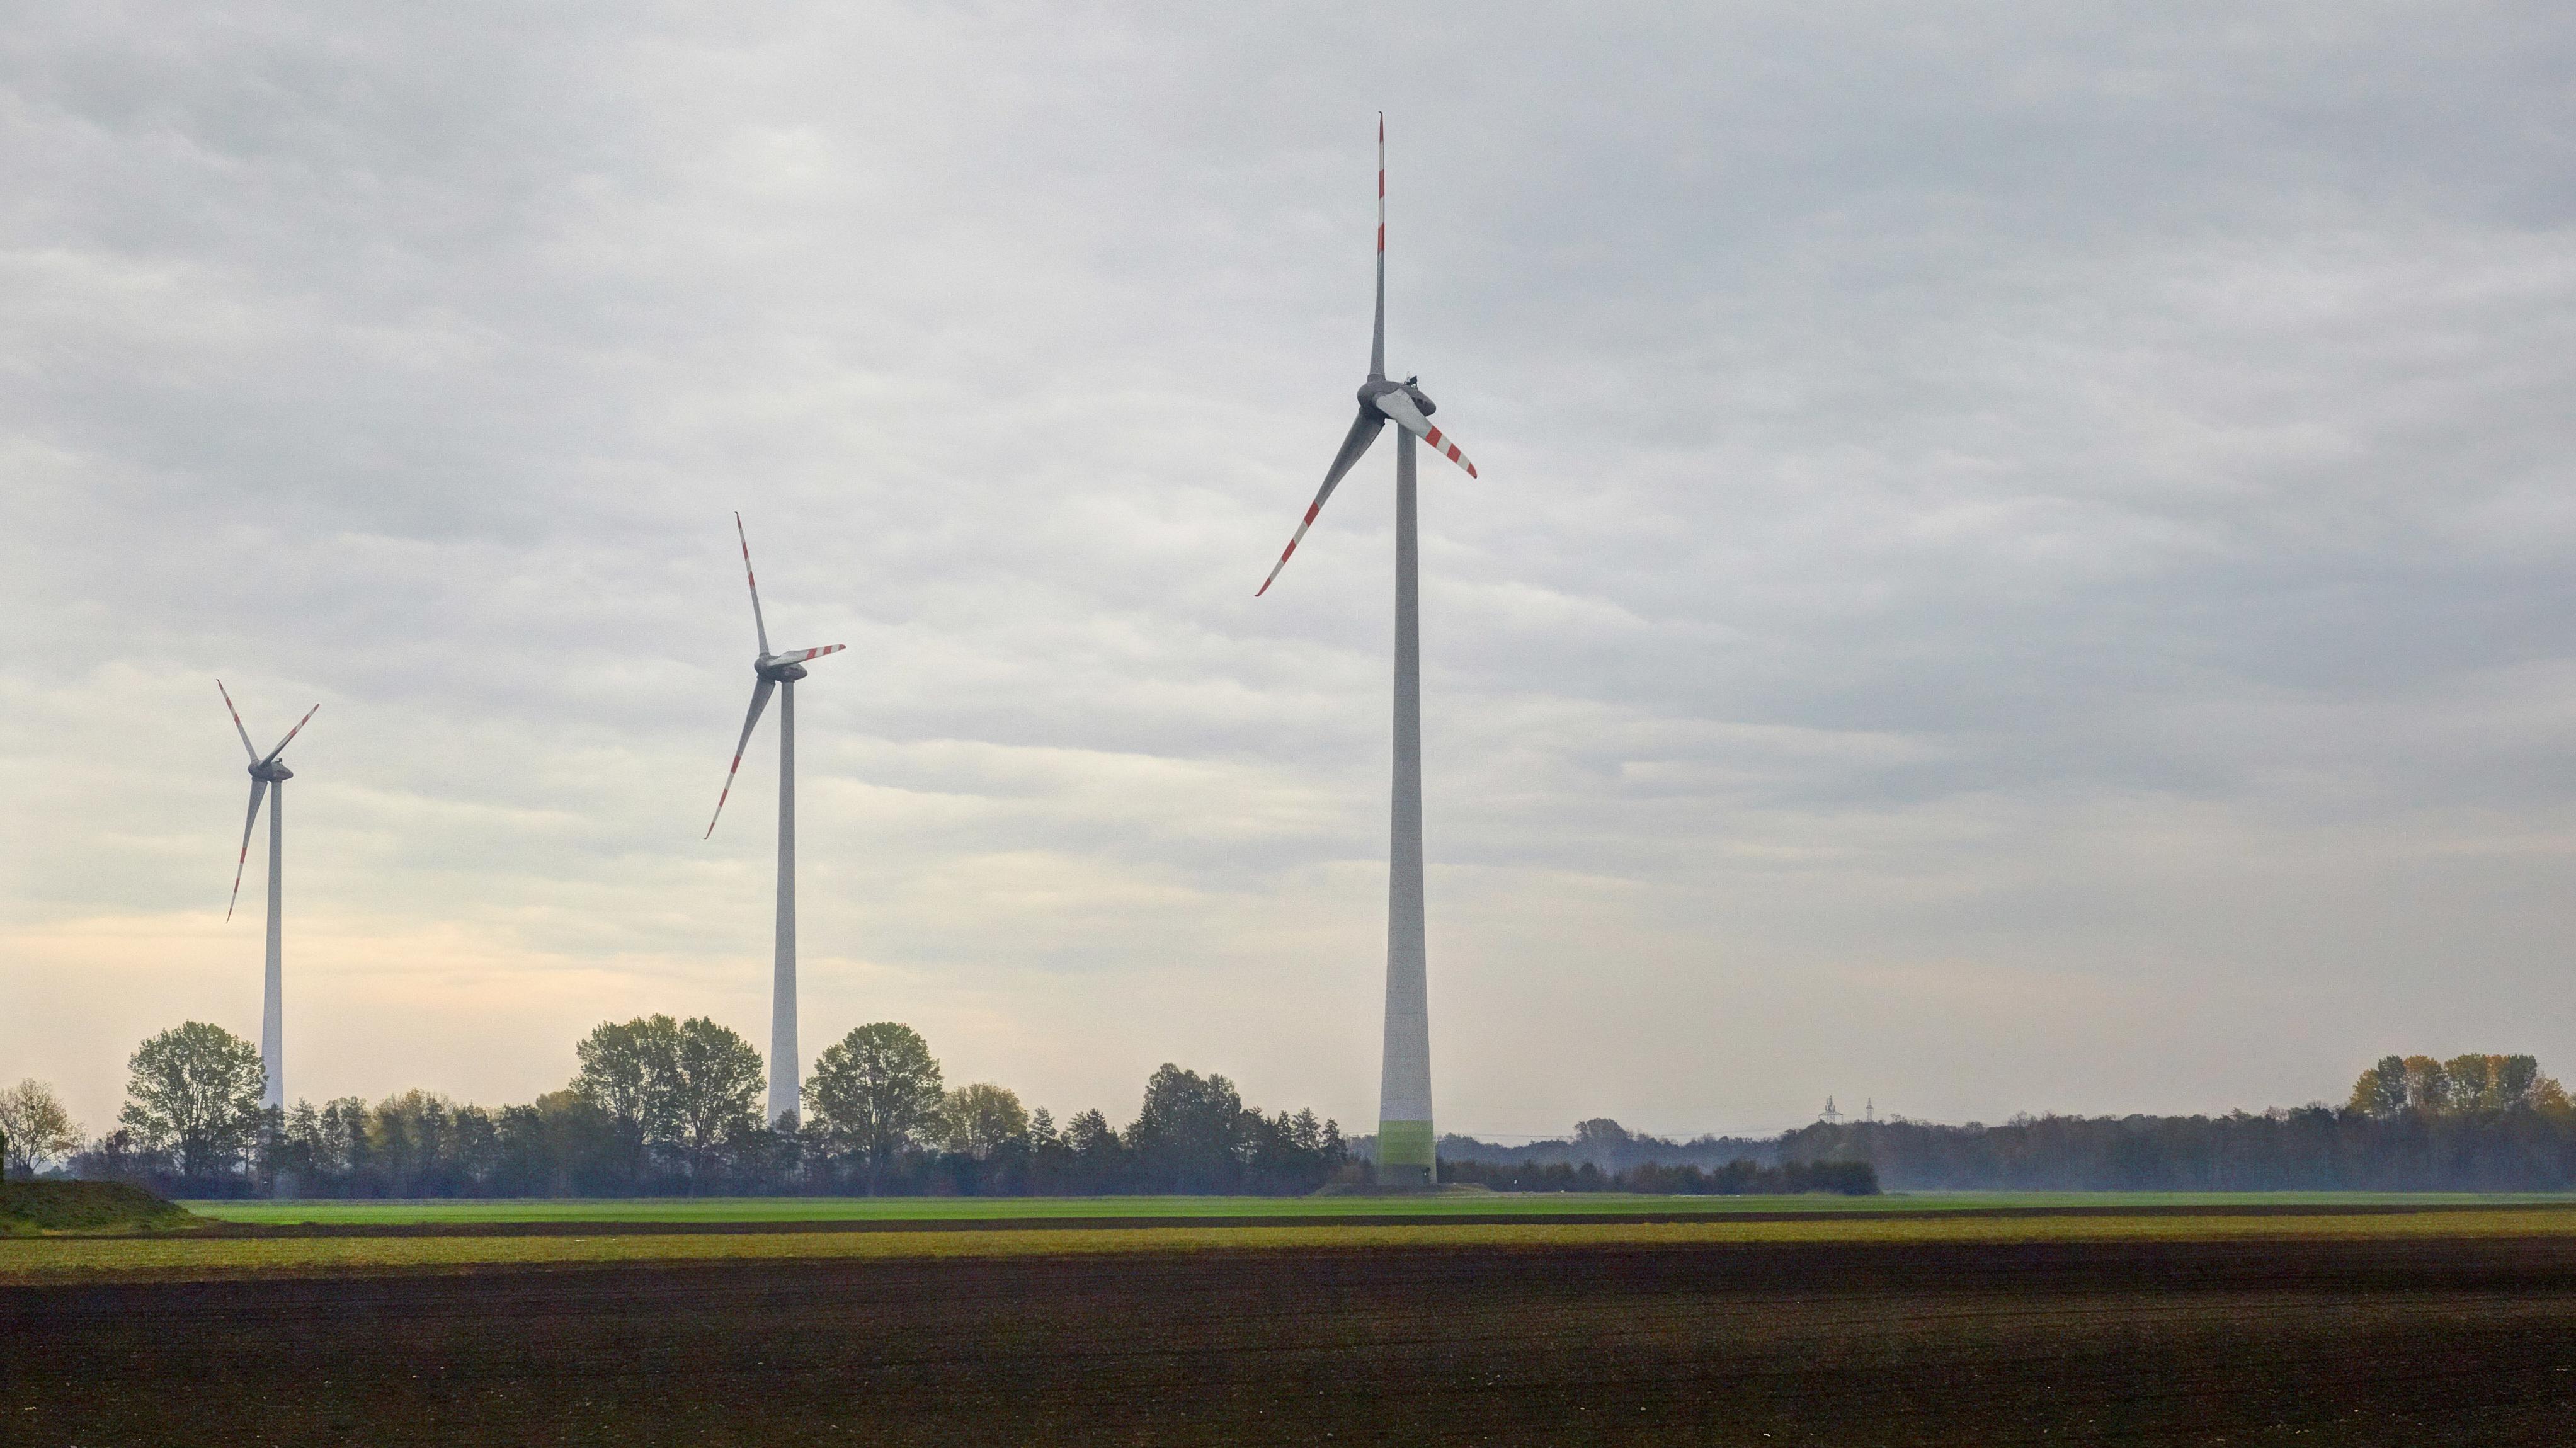 Norddeutsche Windkraftanlage